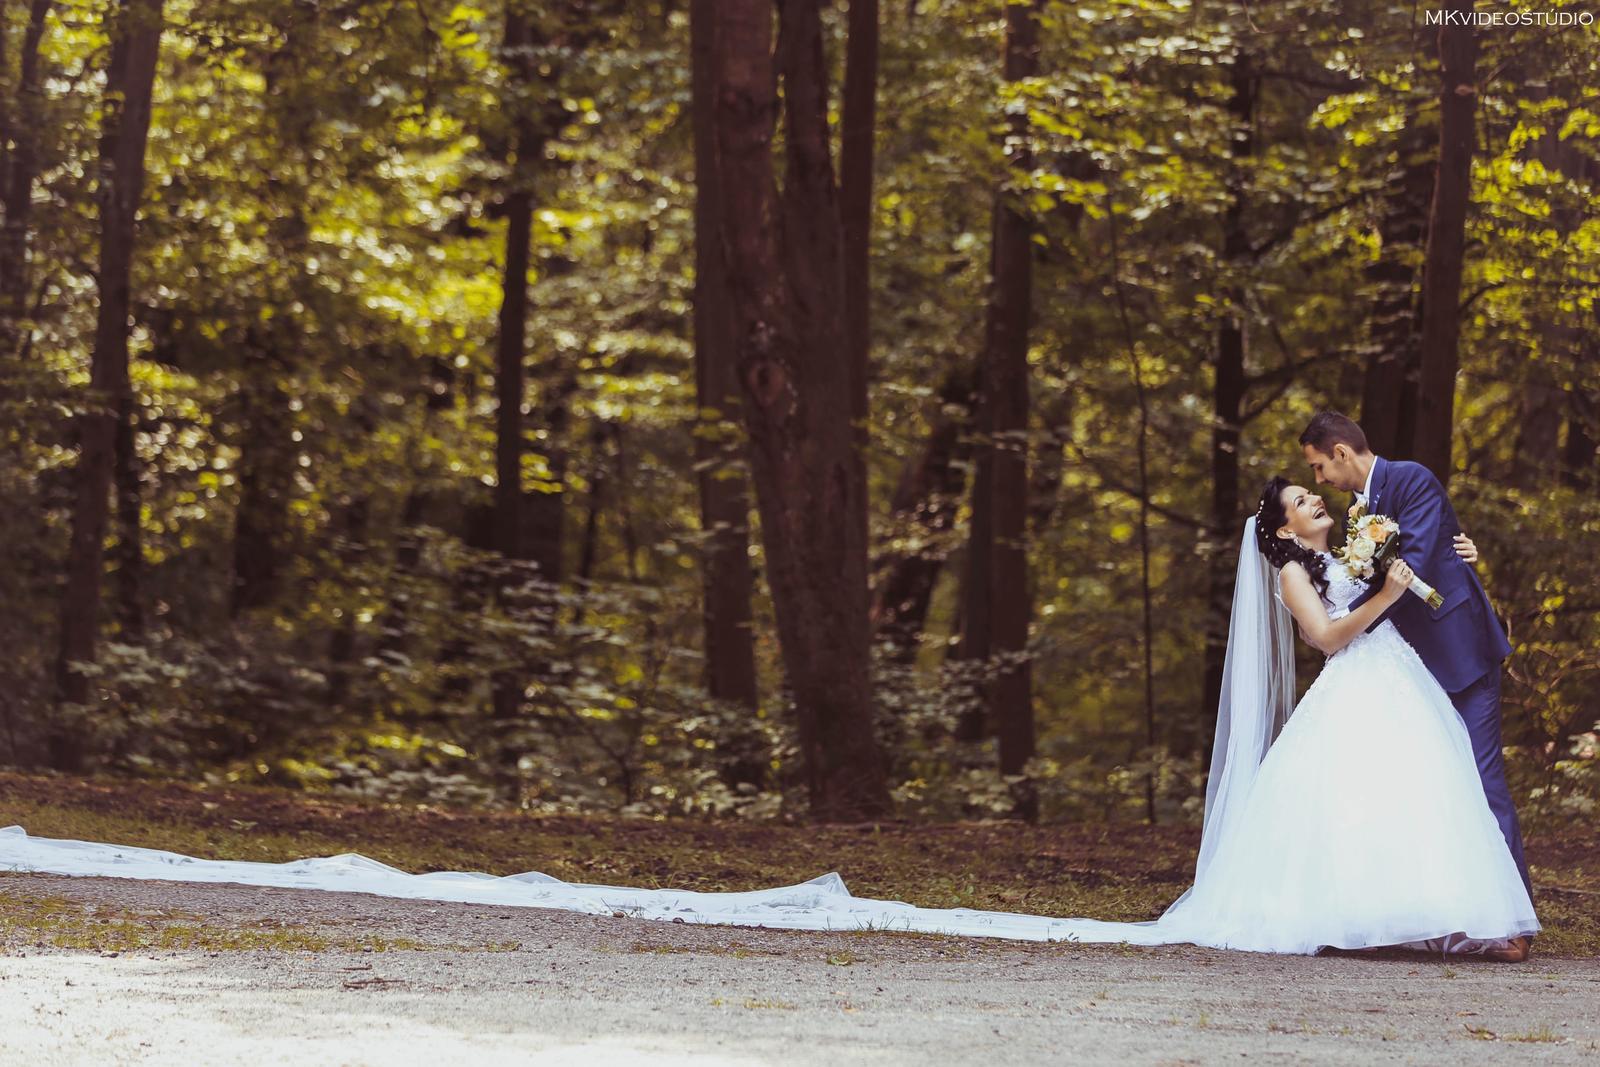 Naša úžasná svadbička -... - Obrázok č. 1